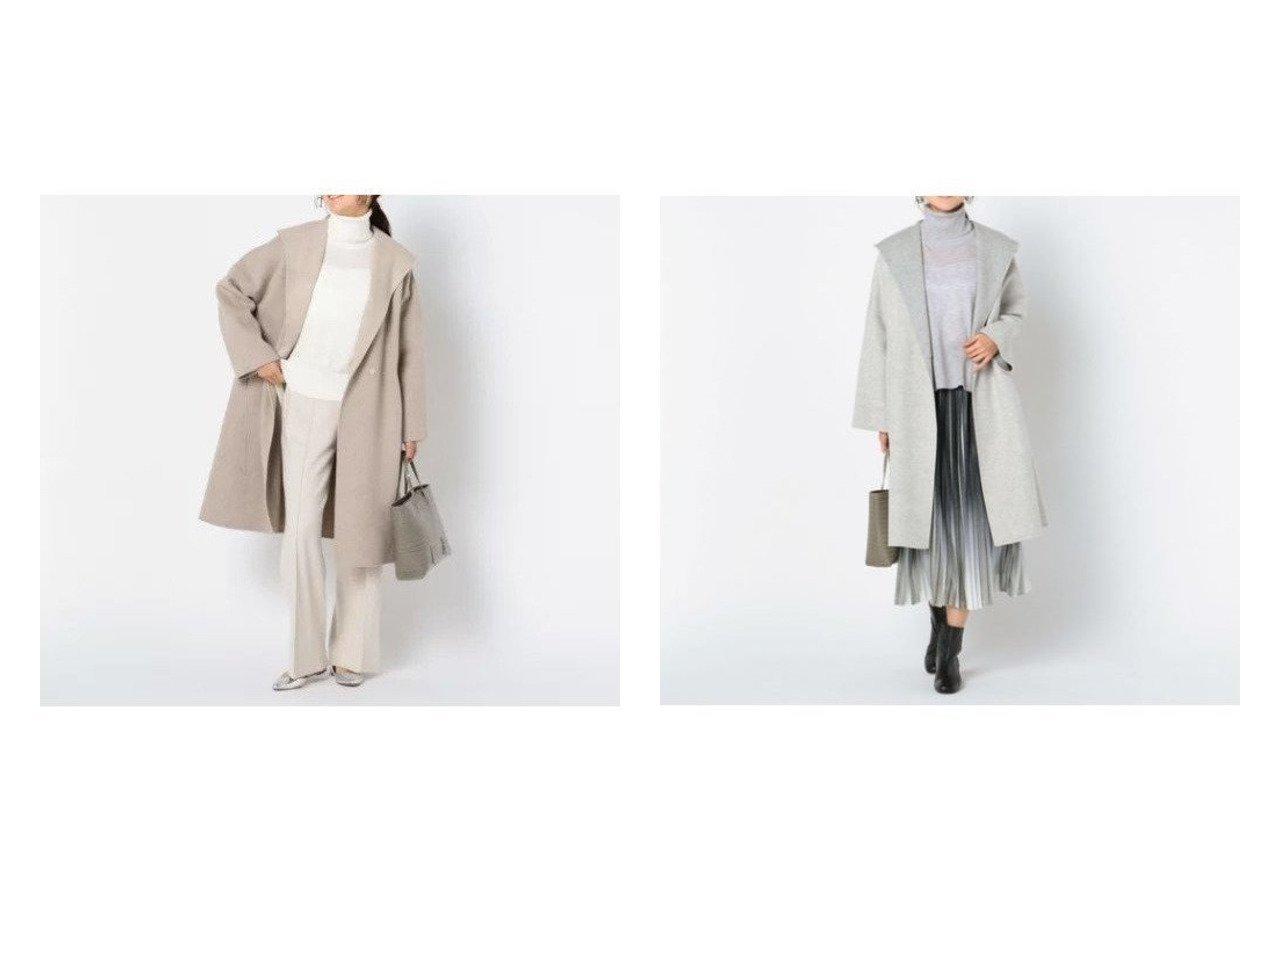 【NOLLEY'S/ノーリーズ】の【ブラ―ミン】ウールロングコート(B56605) アウターのおすすめ!人気、トレンド・レディースファッションの通販 おすすめで人気の流行・トレンド、ファッションの通販商品 メンズファッション・キッズファッション・インテリア・家具・レディースファッション・服の通販 founy(ファニー) https://founy.com/ ファッション Fashion レディースファッション WOMEN アウター Coat Outerwear コート Coats エレガント ガウン シンプル フォーマル ロング |ID:crp329100000009354